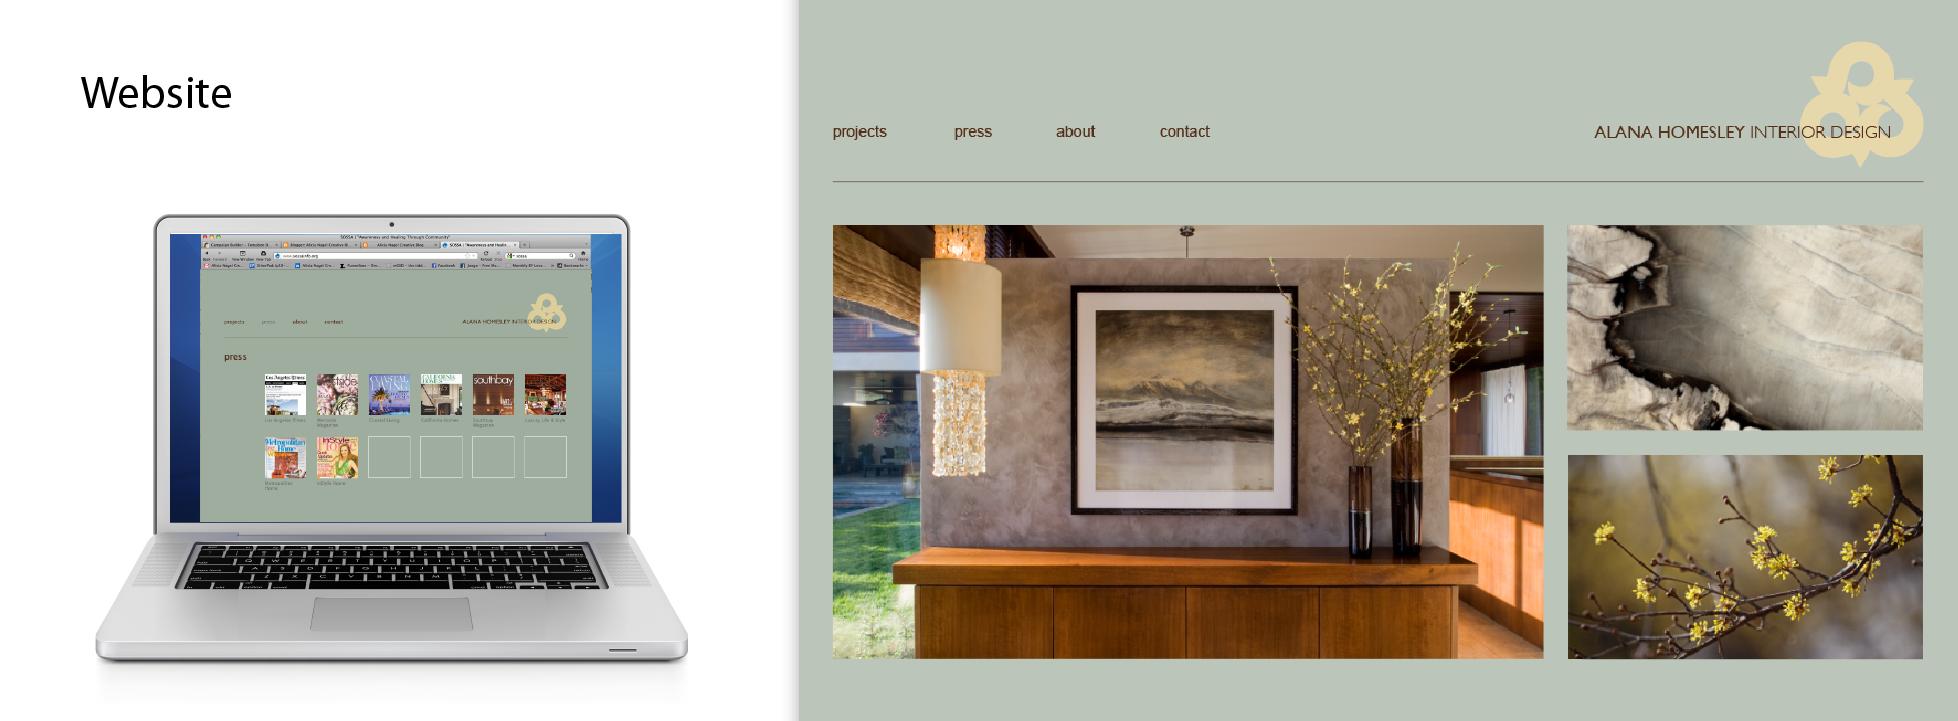 Best Interior Design Websites Pictures BB1rw 8665